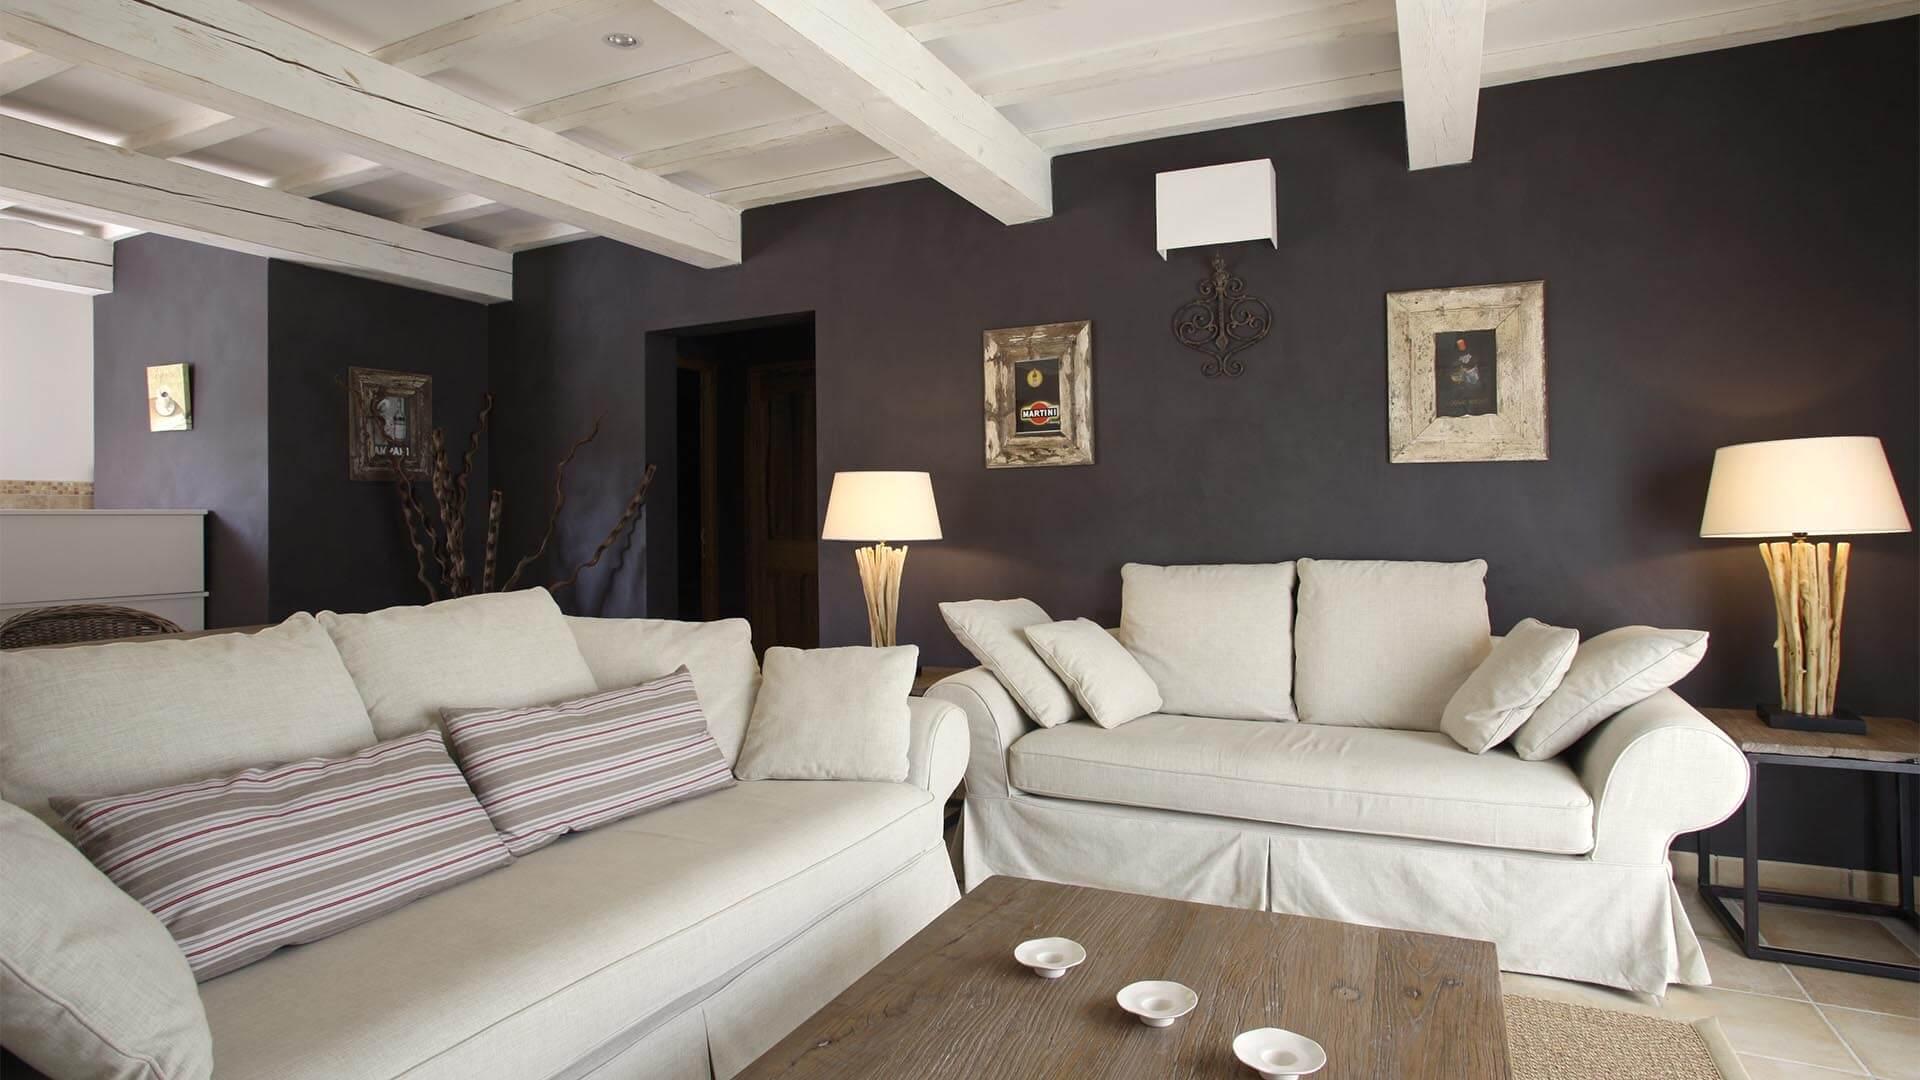 Location maison de vacances Provence | Villa la source | Salon climatisé